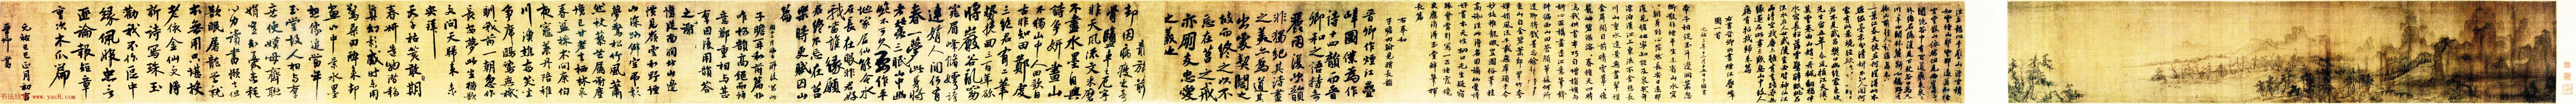 苏轼王诜《烟江叠嶂图诗跋》书画长卷欣赏